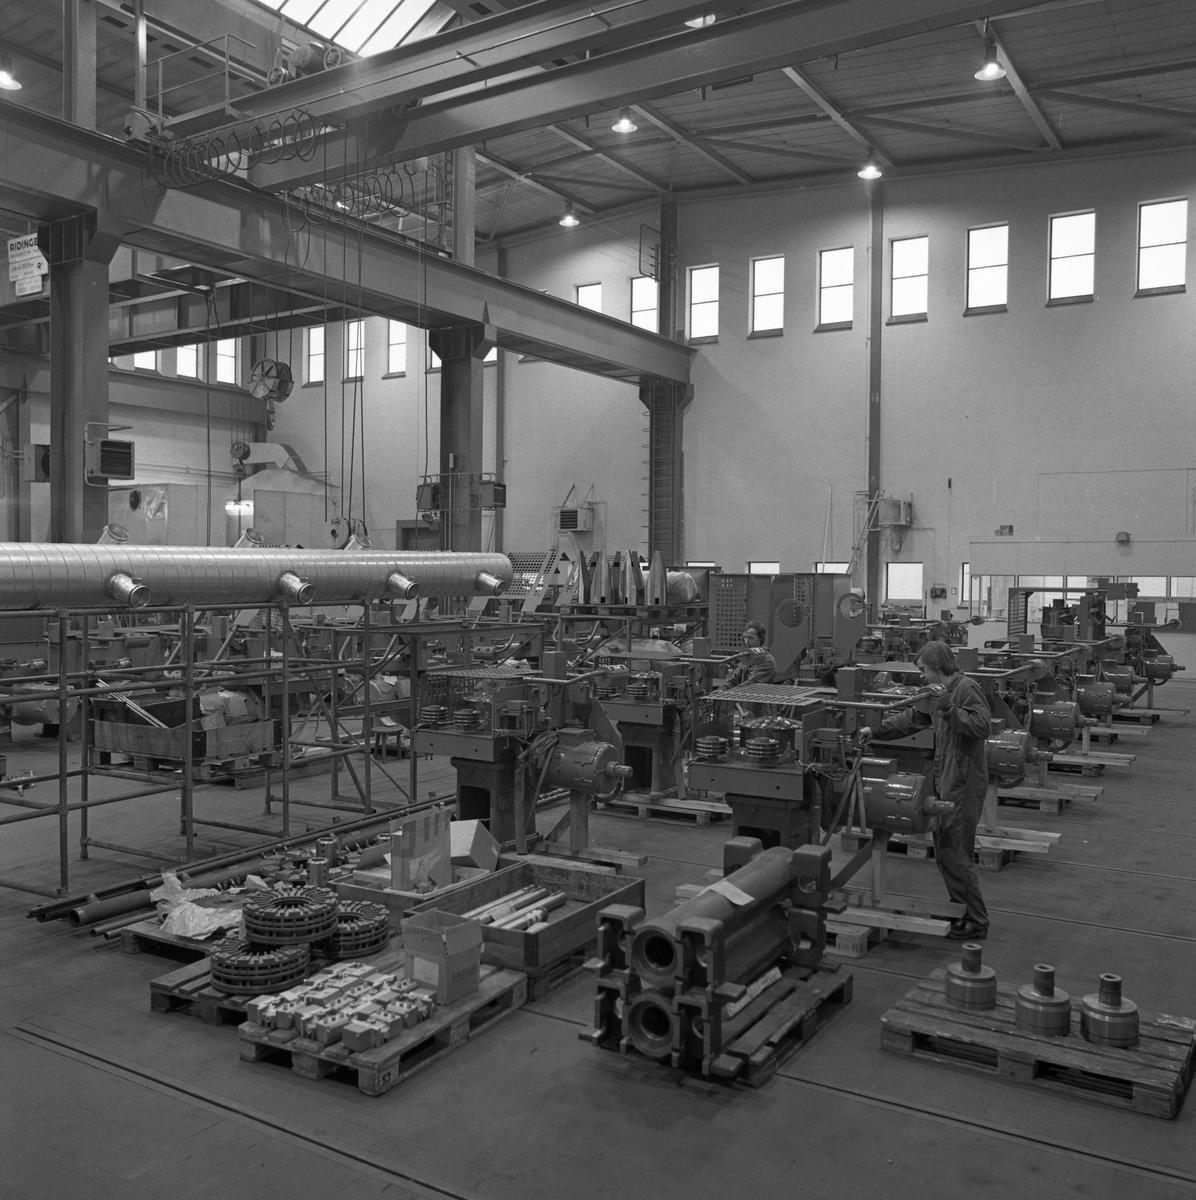 Arboga Mekaniska Verkstad, Meken, interiör från maskinverkstad och monteringsavdelning.  Industrilokal med högt i tak, traverser och maskiner i rader. Två män arbetar vid var sin maskin. 25 september 1856 fick AB Arboga Mekaniska Verkstad rättigheter att anlägga järngjuteri och mekanisk verkstad. Verksamheten startade 1858. Meken var först i landet med att installera en elektrisk motor för drift av verktygsmaskiner vid en taktransmission (1887).  Gjuteriet lades ner 1967. Den mekaniska verkstaden lades ner på 1980-talet. Läs om Meken i Hembygdsföreningen Arboga Minnes årsbok från 1982.